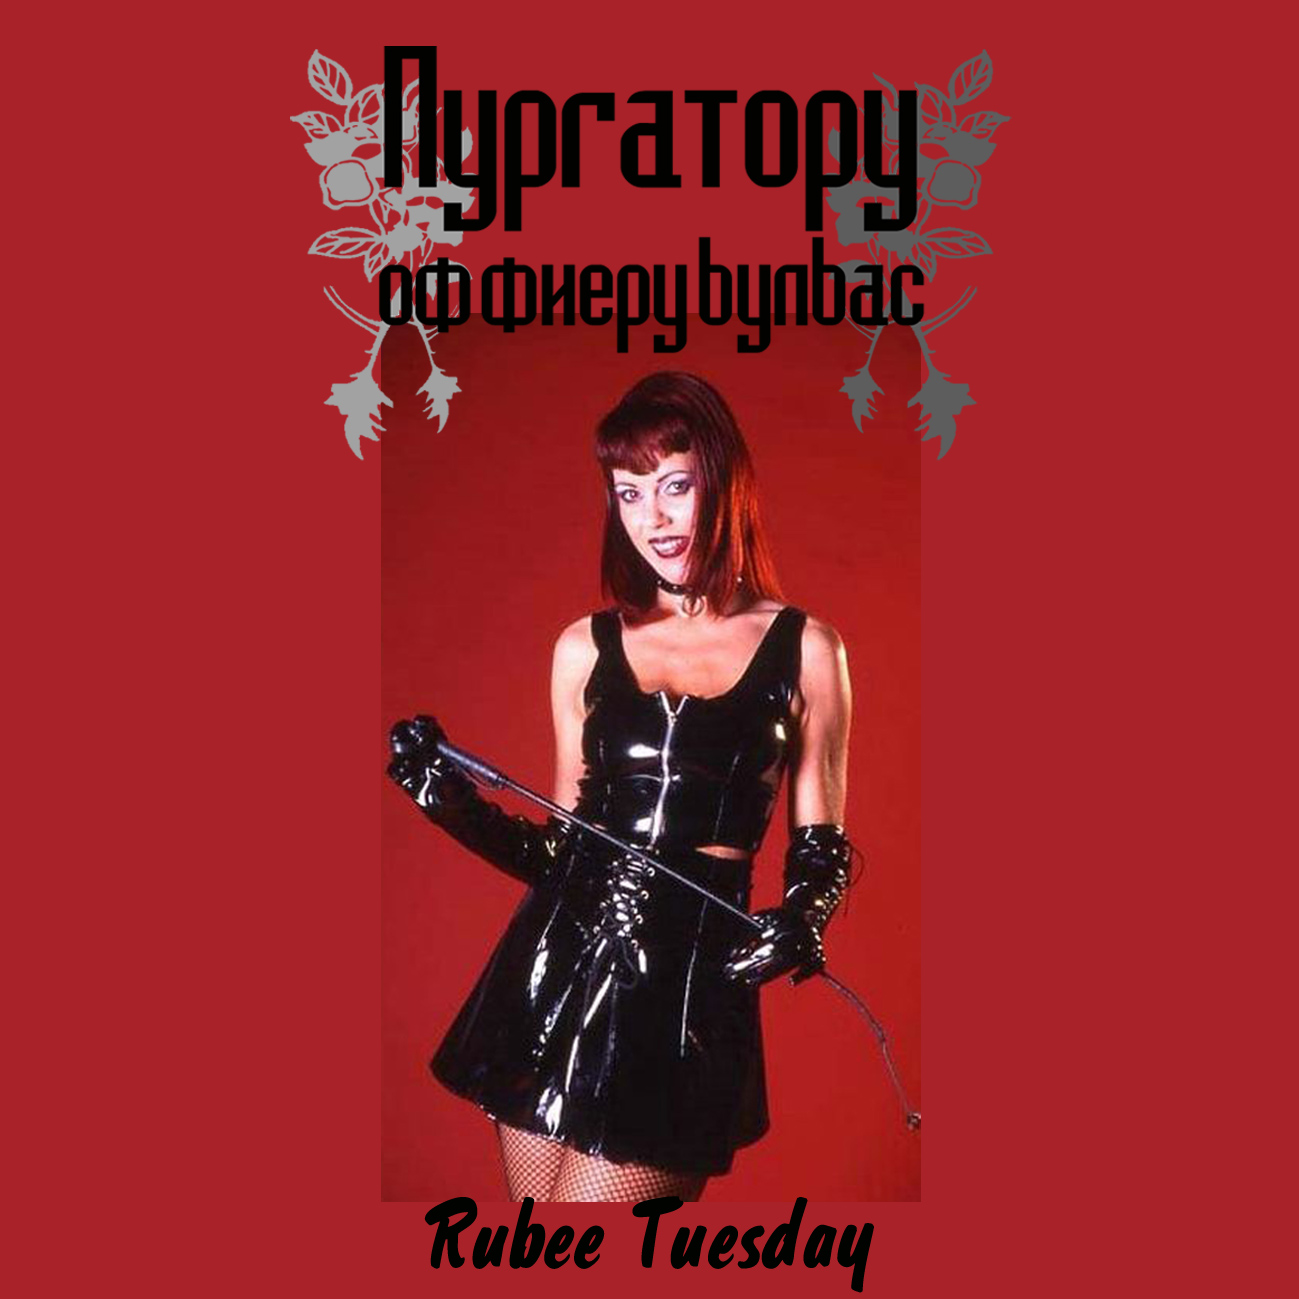 Nypratopy - Rubee Tuesday (March 2010) : Nypratopy : Free